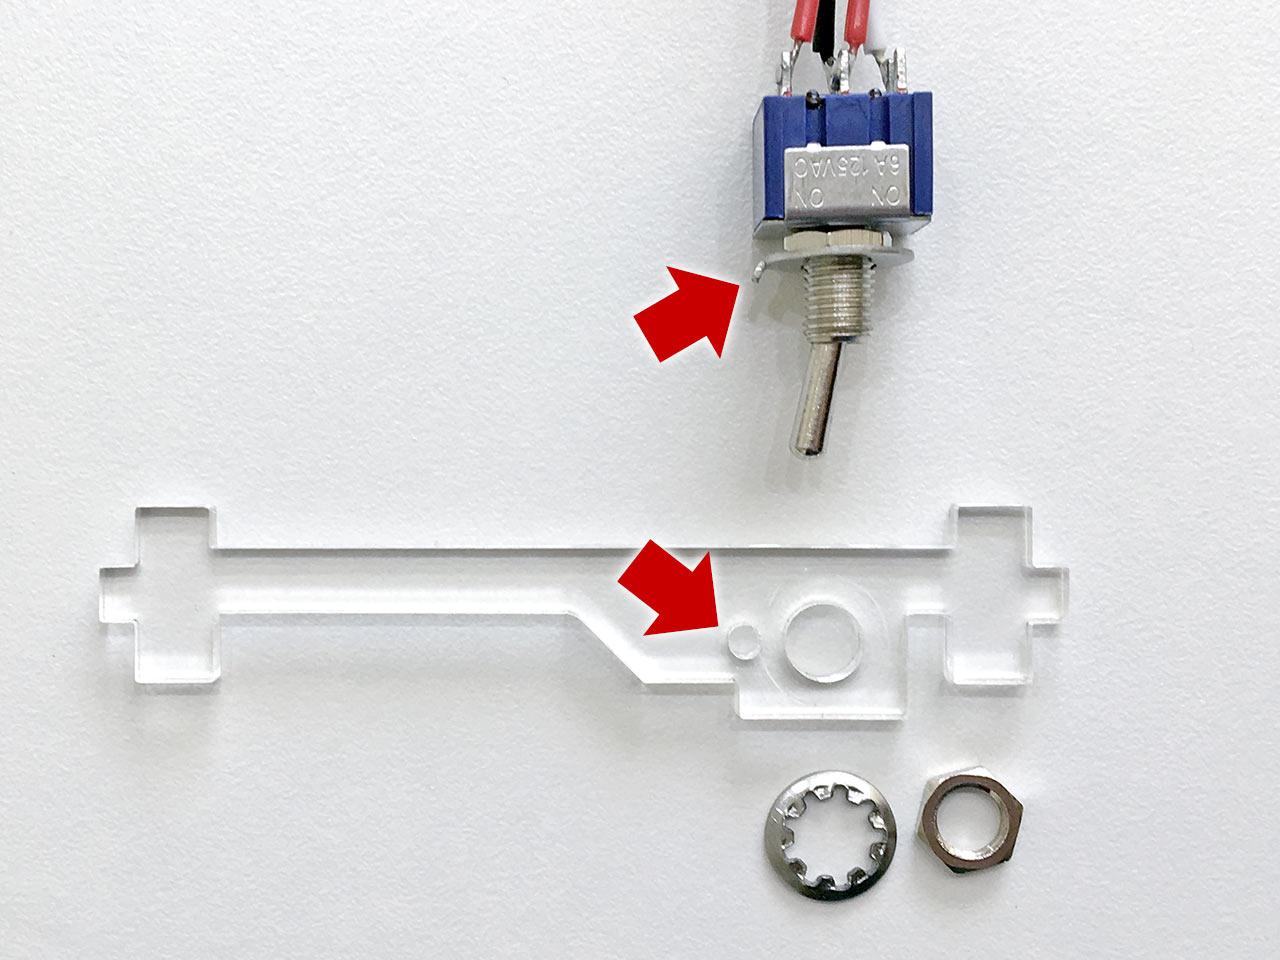 leds_switch-align-1.jpg